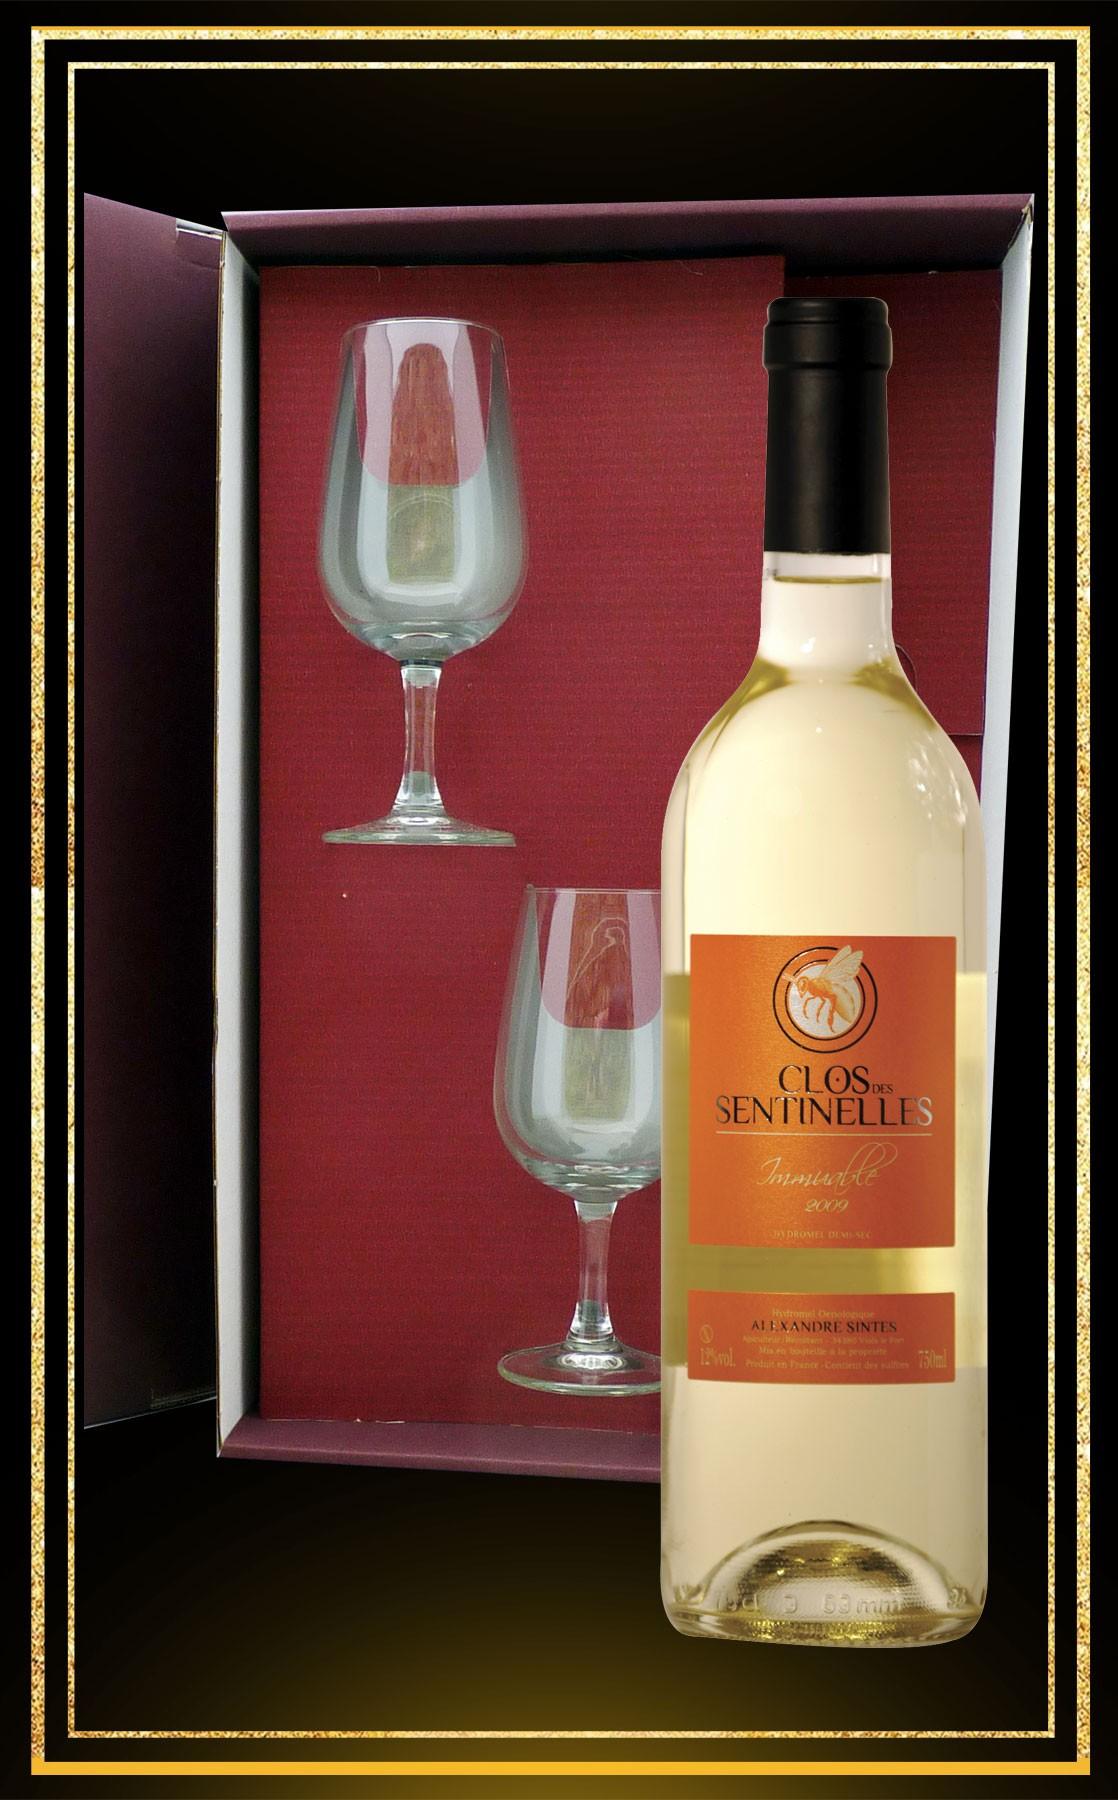 Coffret cadeau Immuable, 2 verres à vin et ydromel demi-sec 75cl